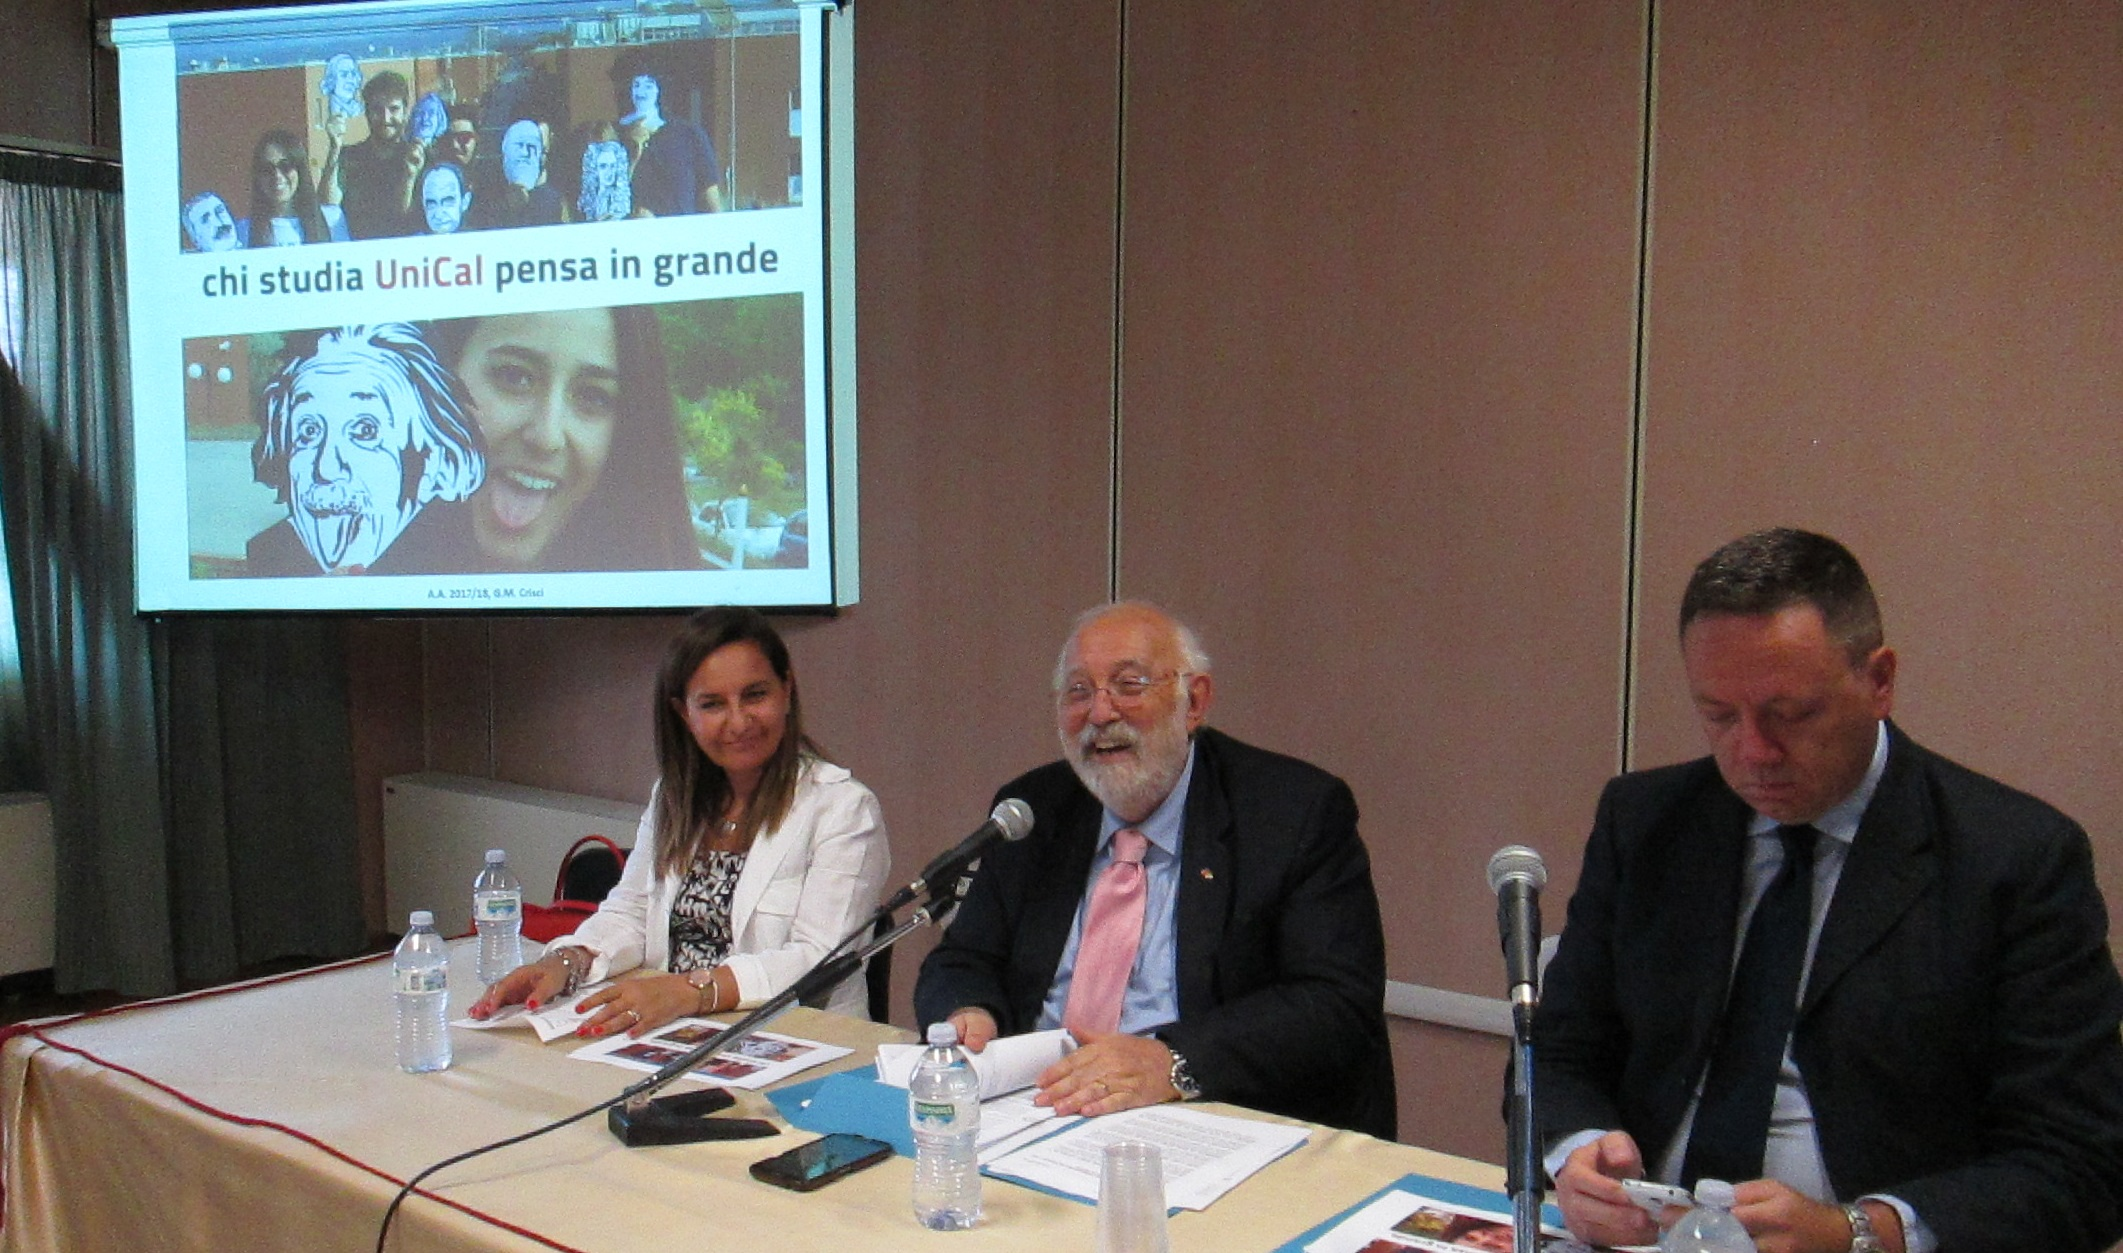 Unical, presentato il bando per le immatricolazioniEsonero per chi ha un Isee fino a 15 mila euro